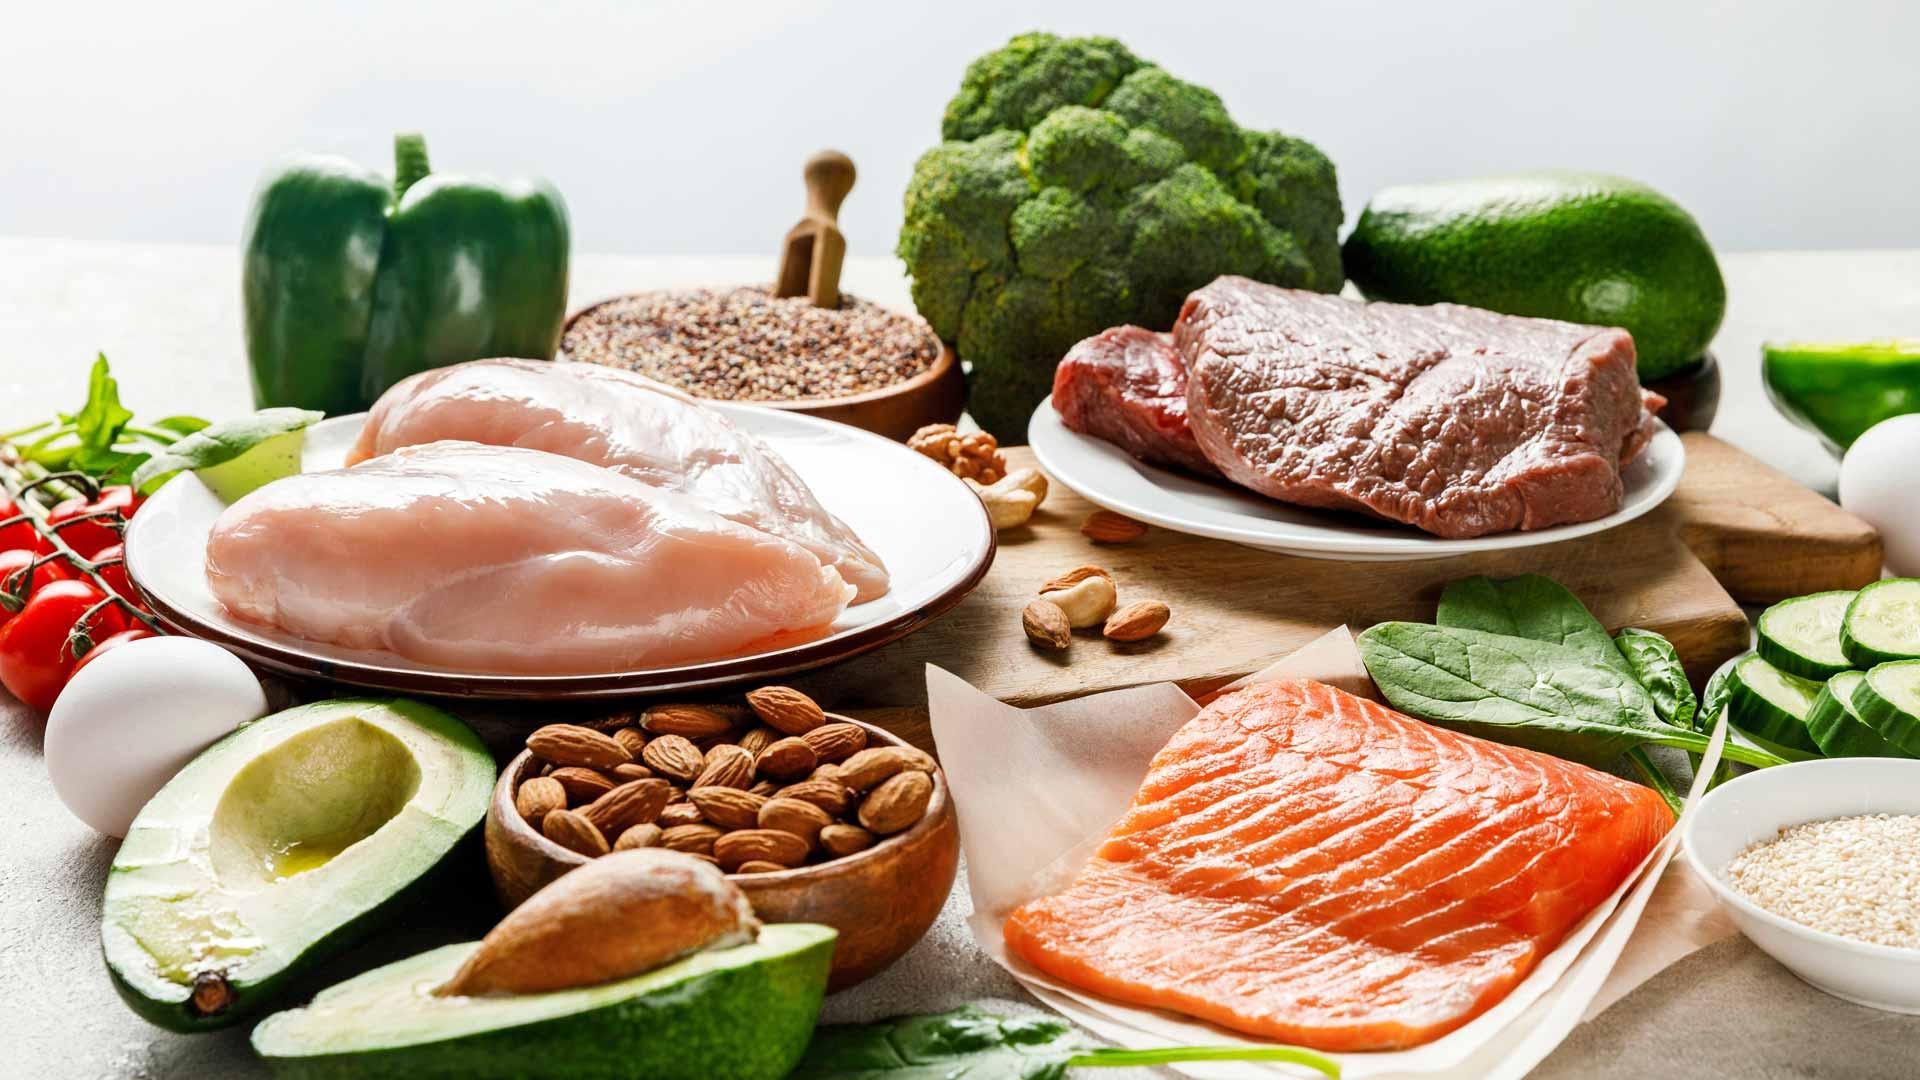 Ruokavalio koostetaan eläinproteiinin lähteistä, vähähiilihydraattisista kasviksista, pähkinöistä ja siemenistä sekä rasvoista.